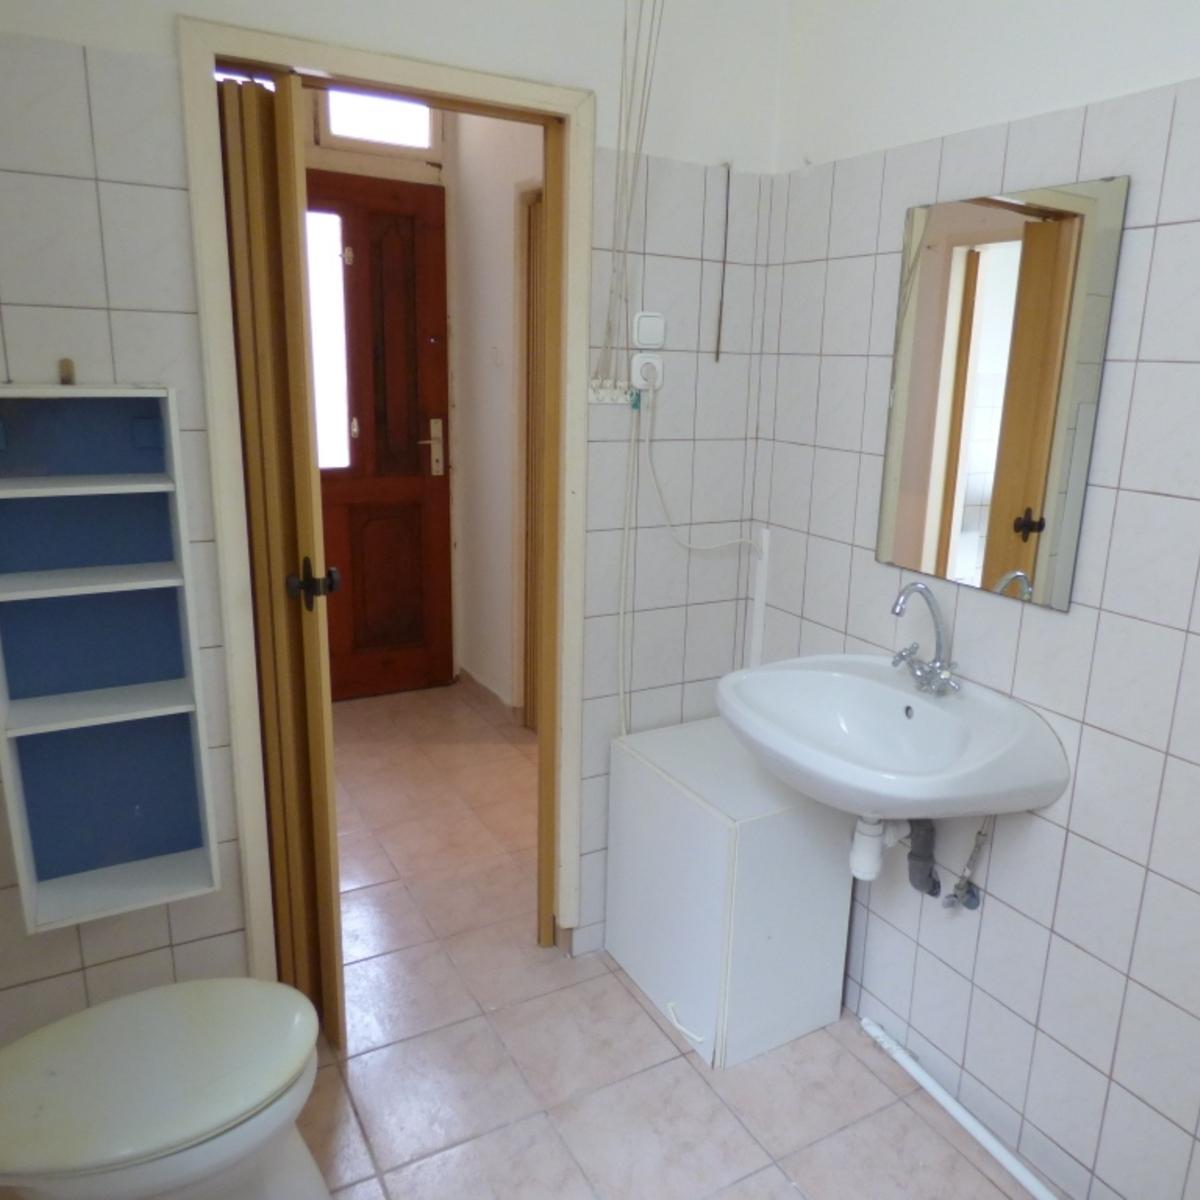 Eladó  téglalakás (Budapest, VI. kerületBudapest, VI. kerület, Rózsa u.) 22,5 M  Ft